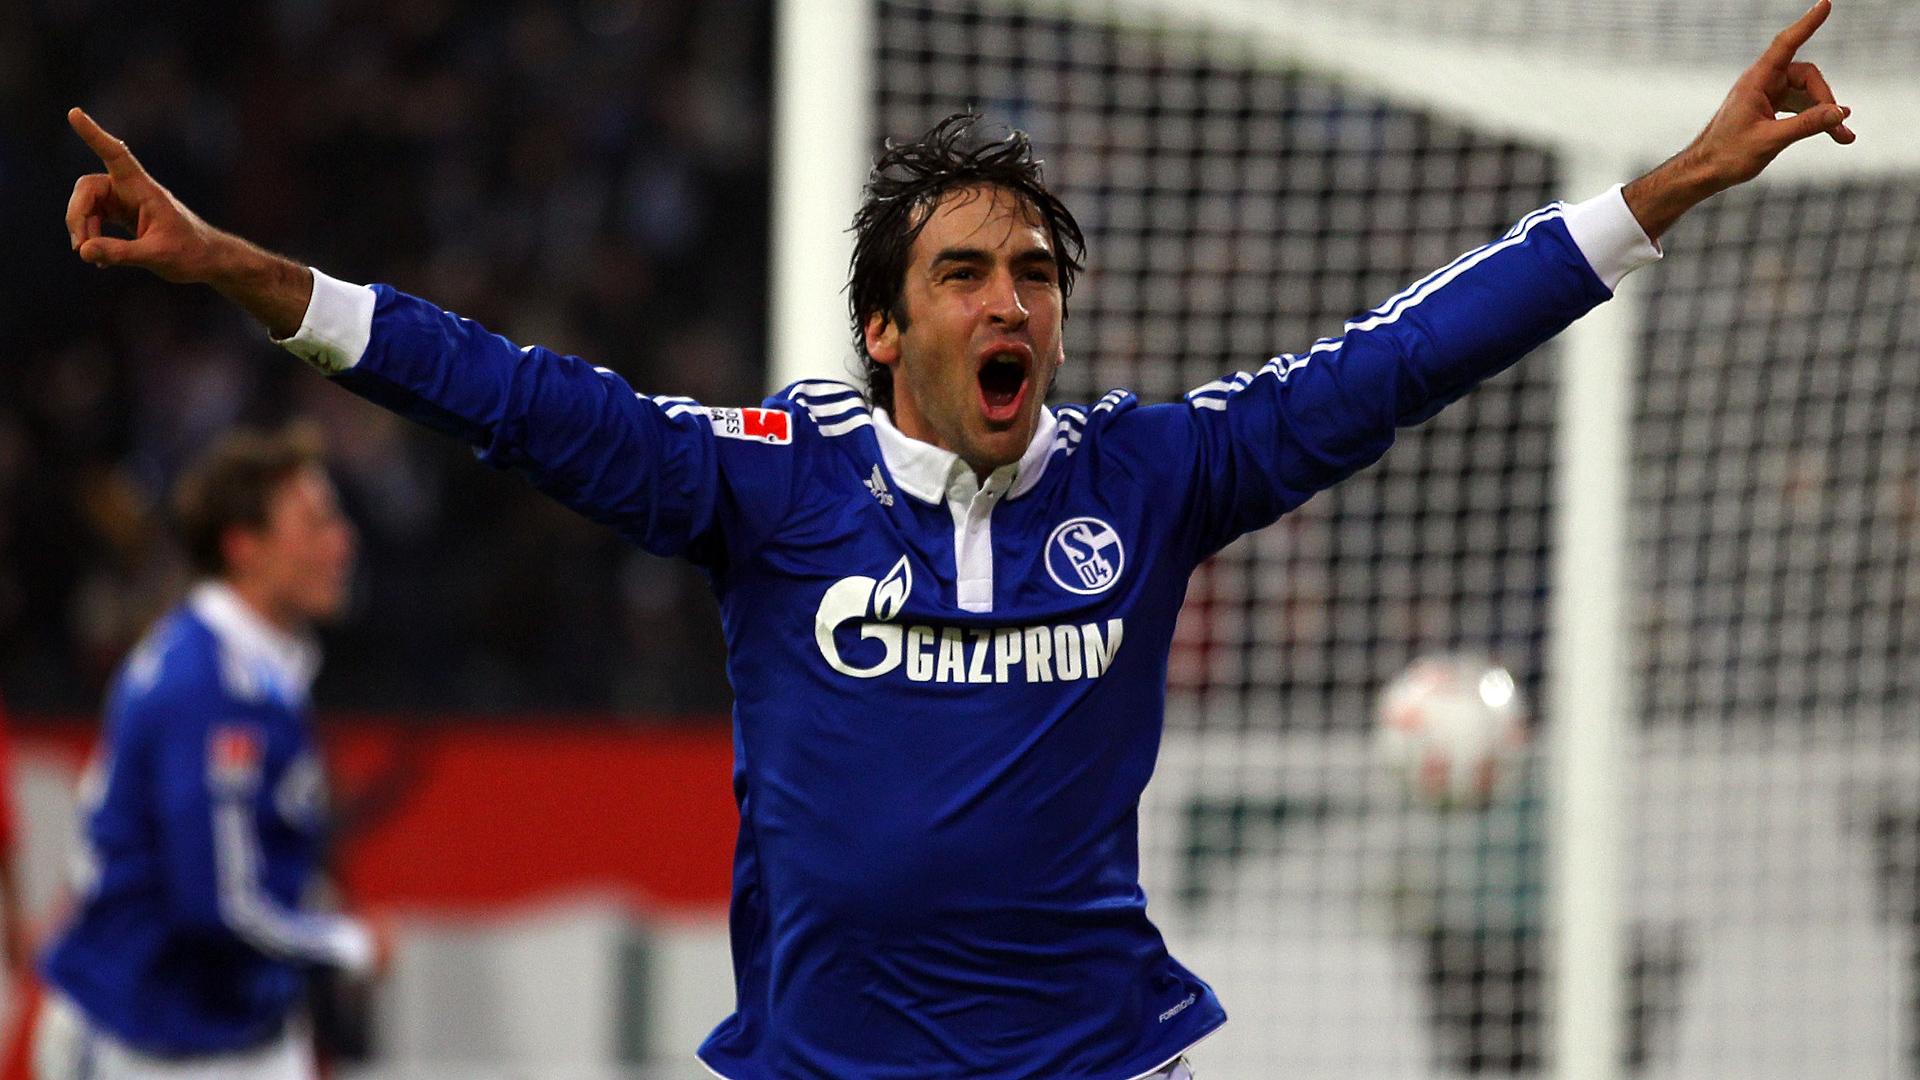 Raul FC Schalke 04